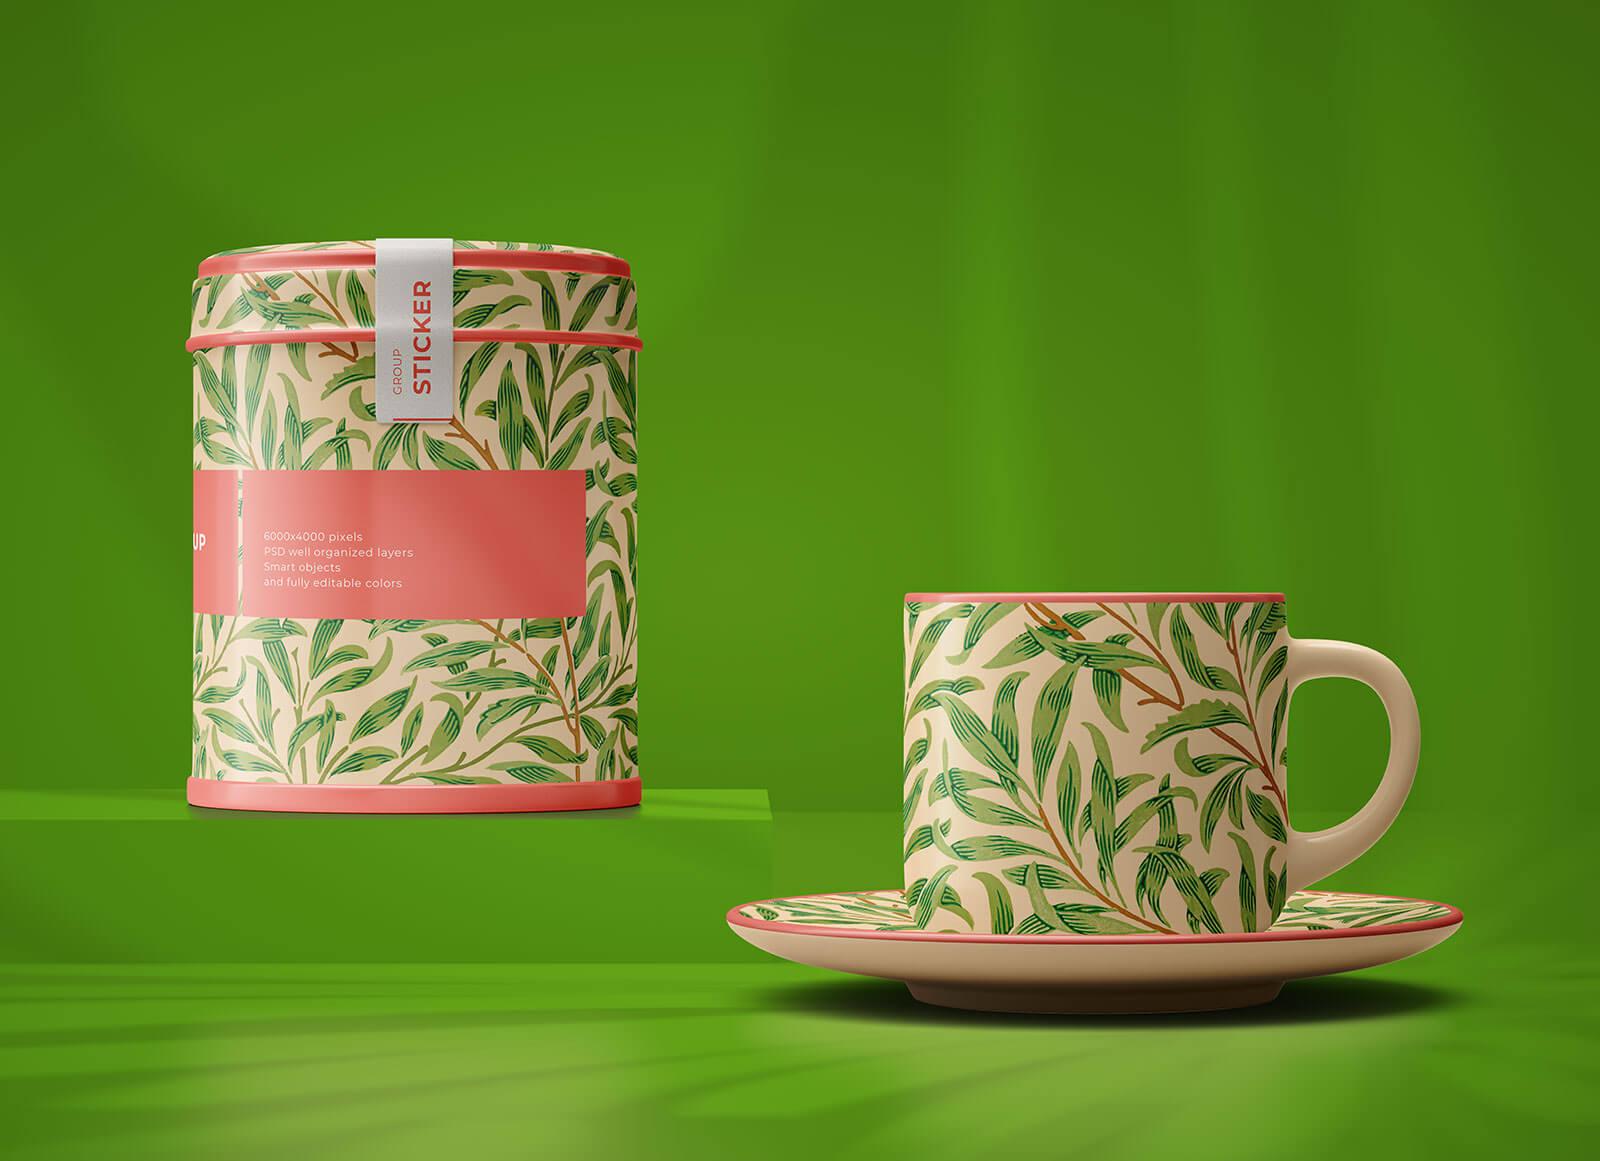 Free-Tea-Cup-&-Tea-Jar-Mockup-PSD